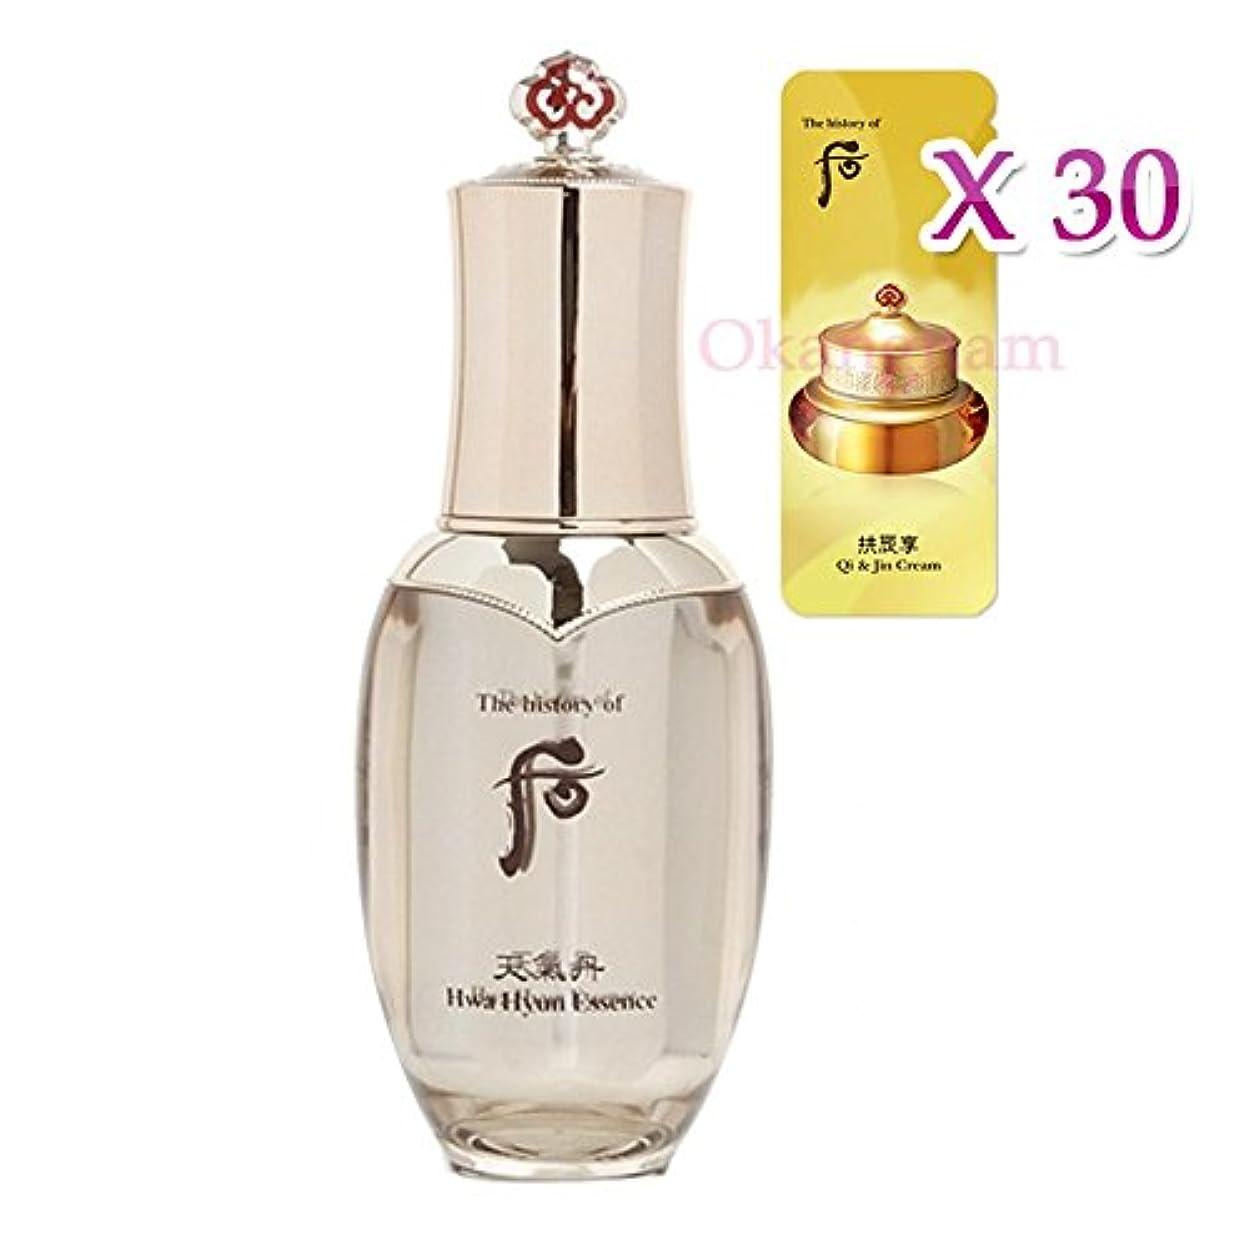 雪延ばす継続中【フー/The history of whoo] Whoo 后 CK03 Hwahyun Essence/后(フー) 天気丹(チョンギダン) ファヒョンエッセンス50ml + [Sample Gift](海外直送品)